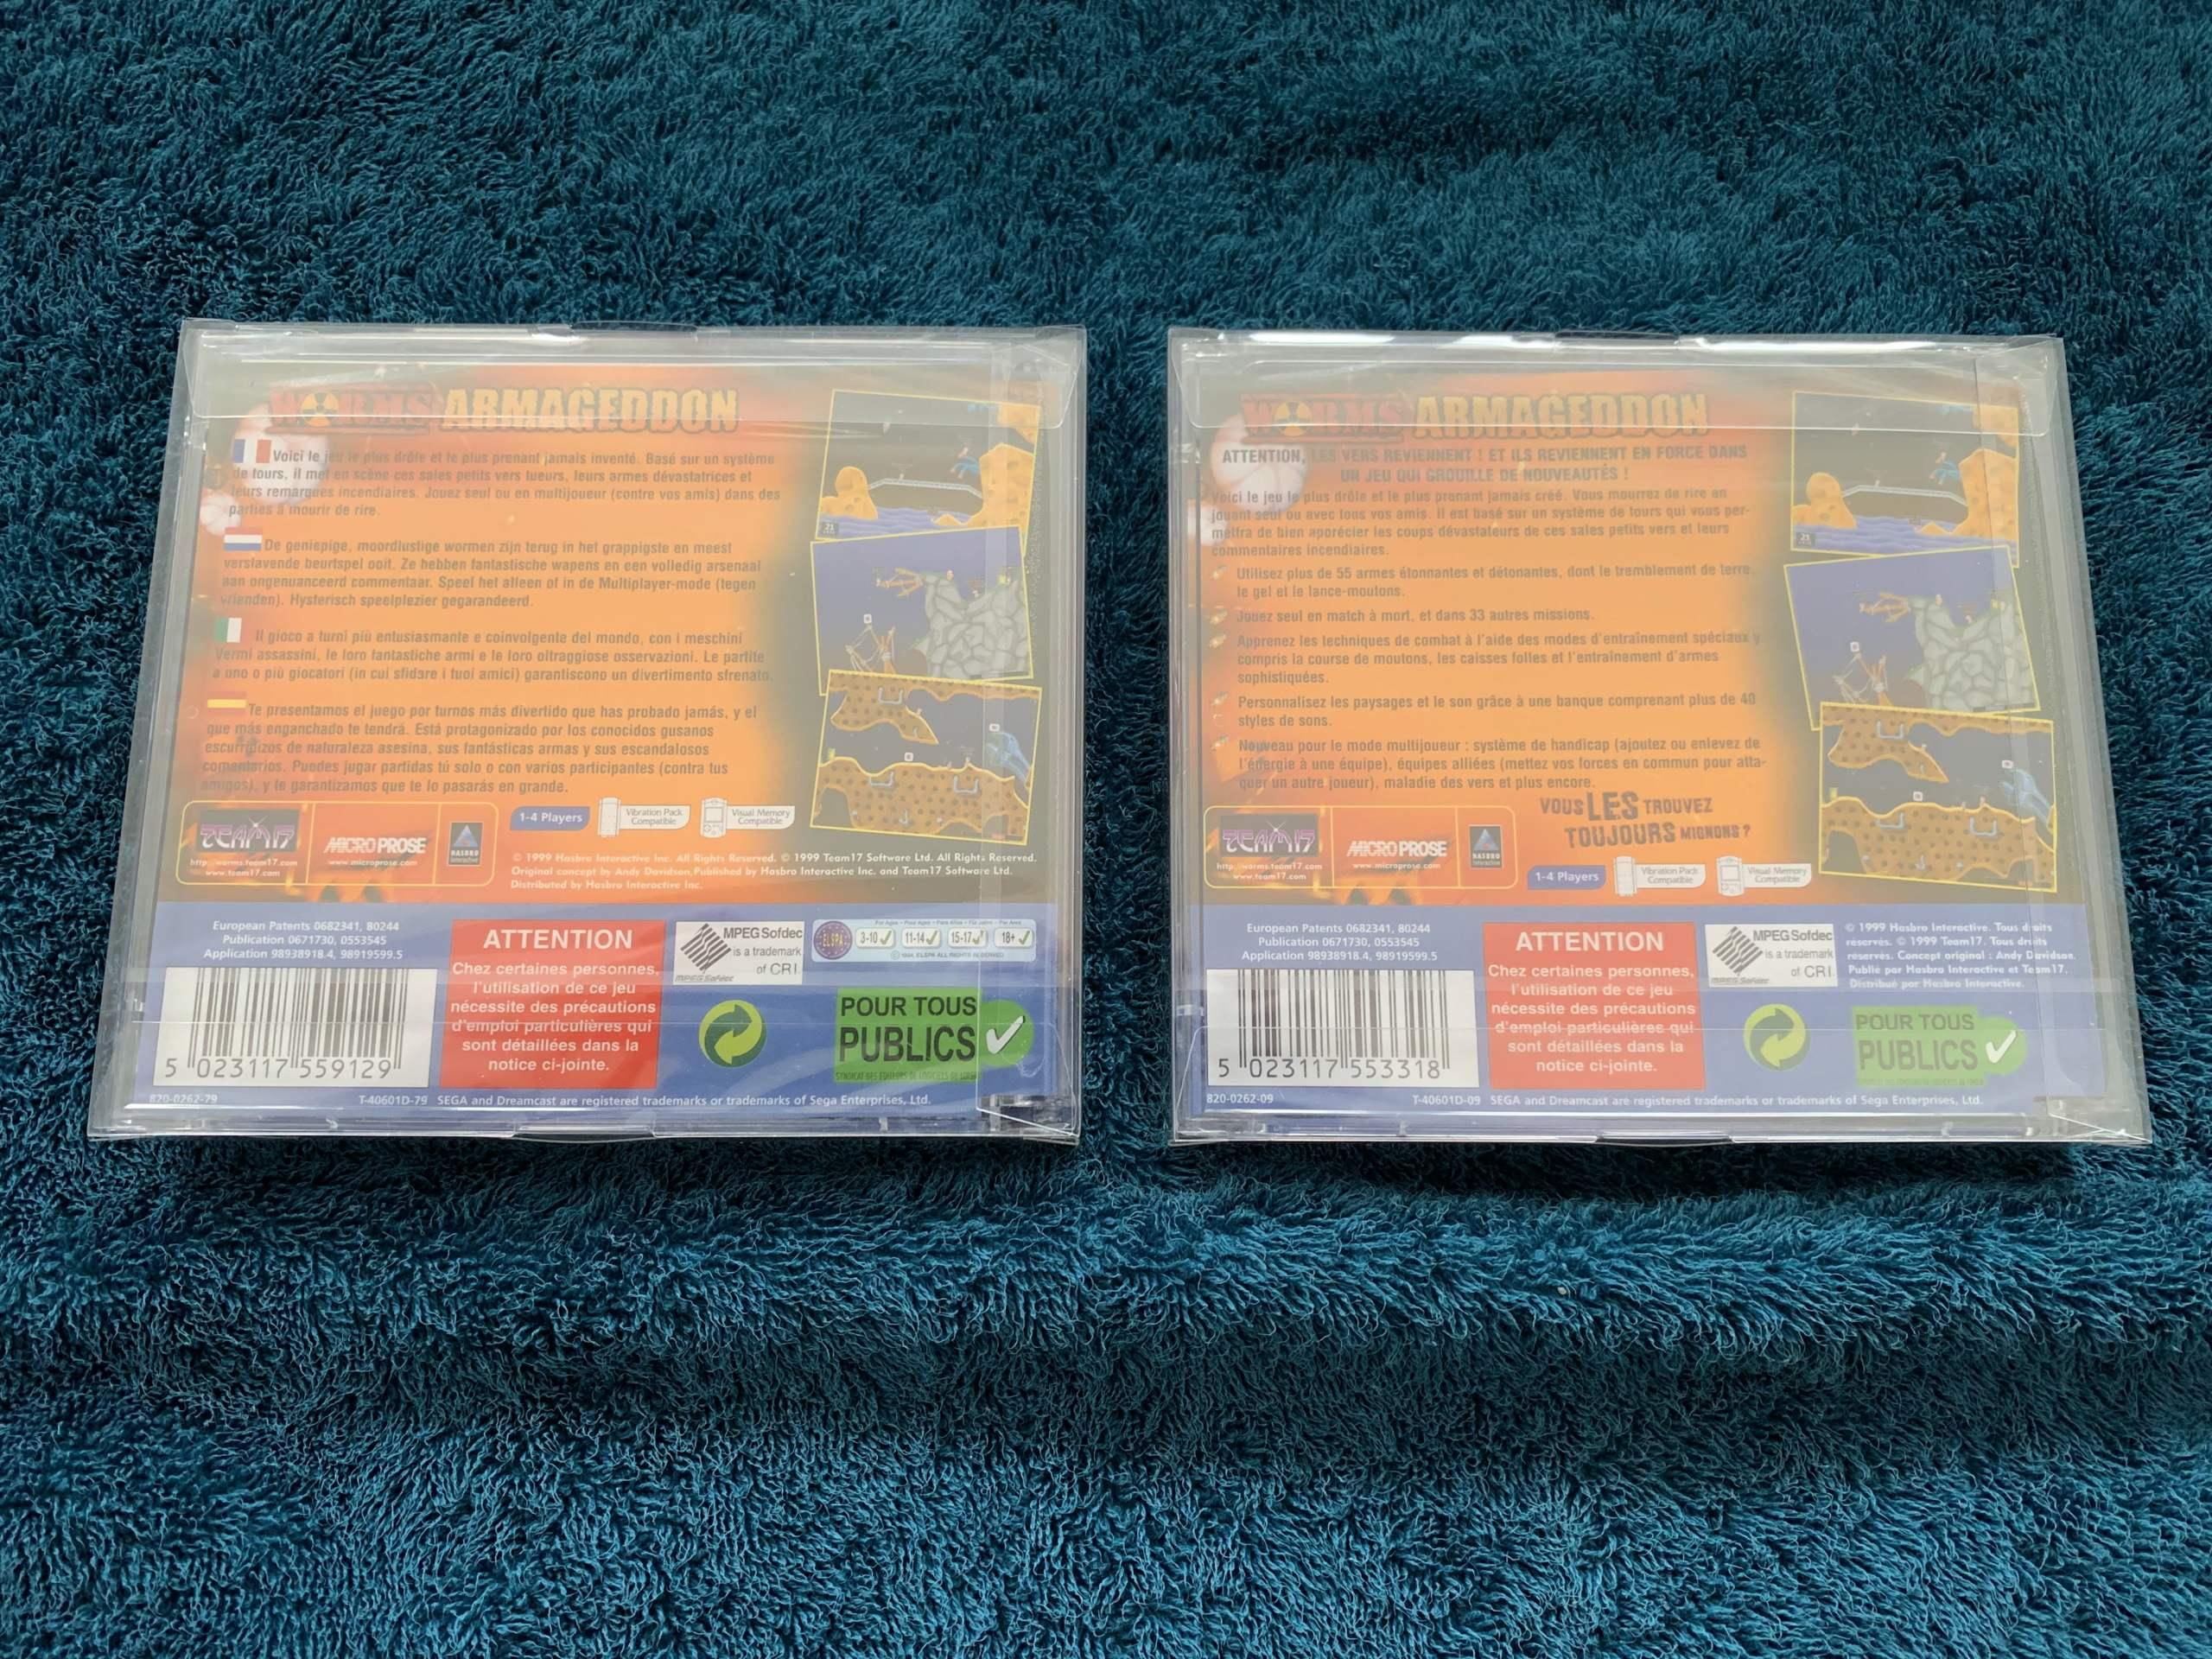 [VENDU] Fullset Jeux Dreamcast, Accessoires, Promo, Rigides... - 350 pièces - NEUF SOUS BLISTER 020_wo10